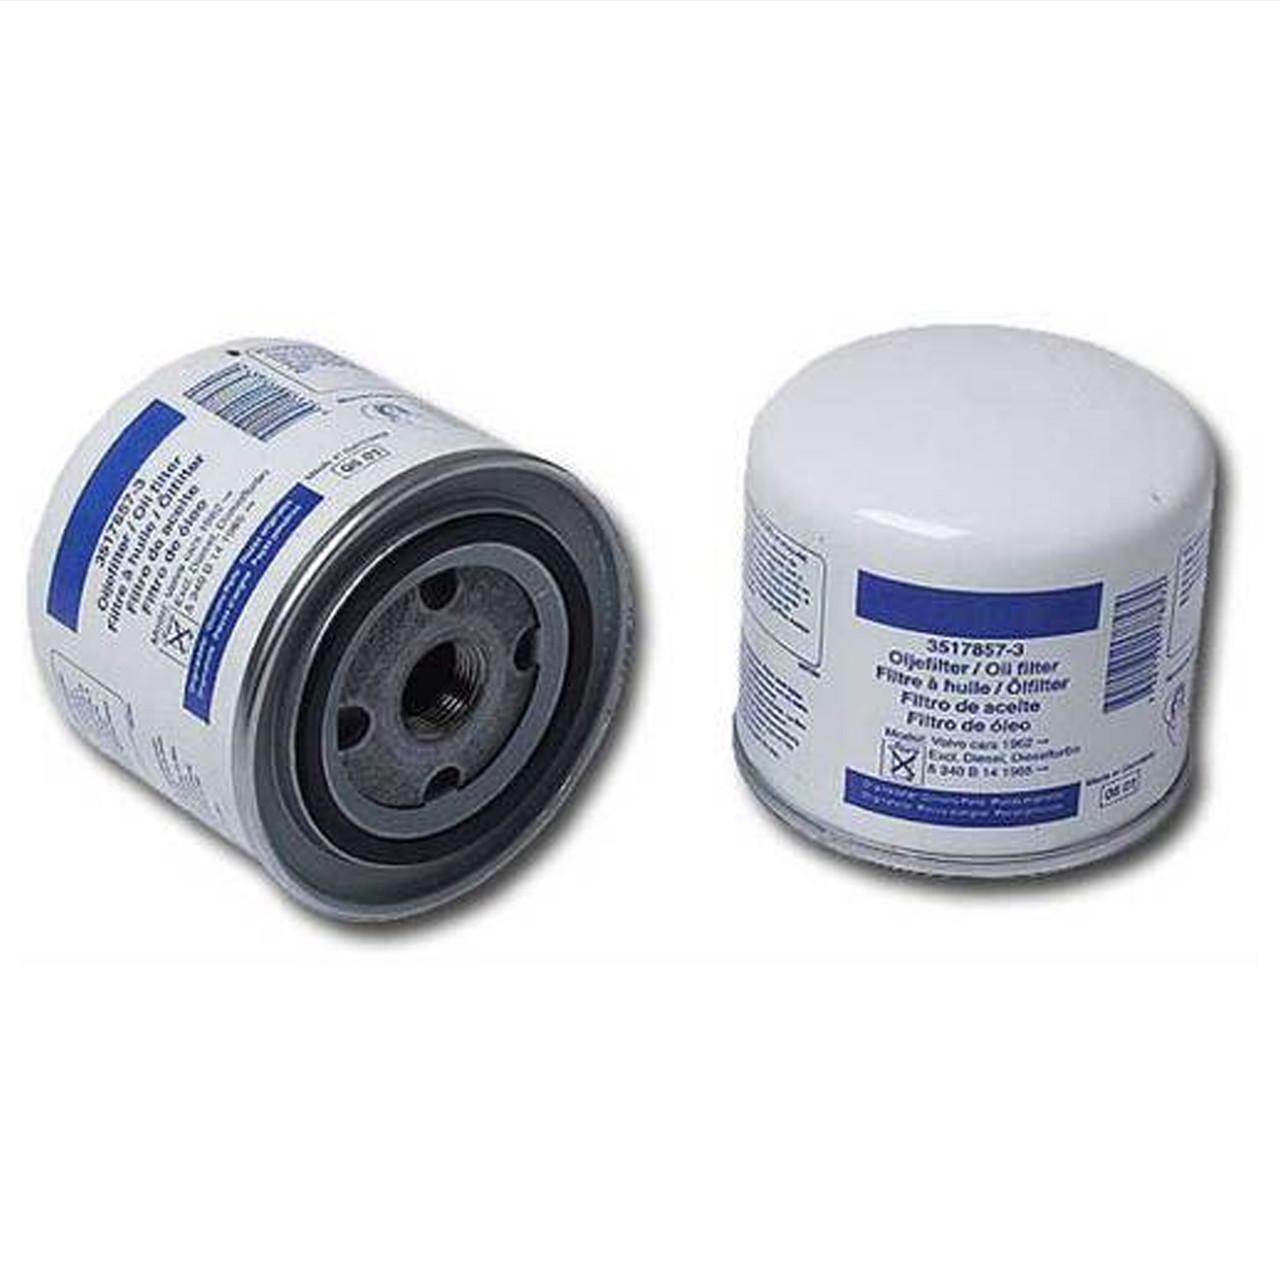 Volvo Penta Oil Filter OEM 3850559 4.3L 5.0L 5.7L 7.4L 8.2L Genuine Marine New